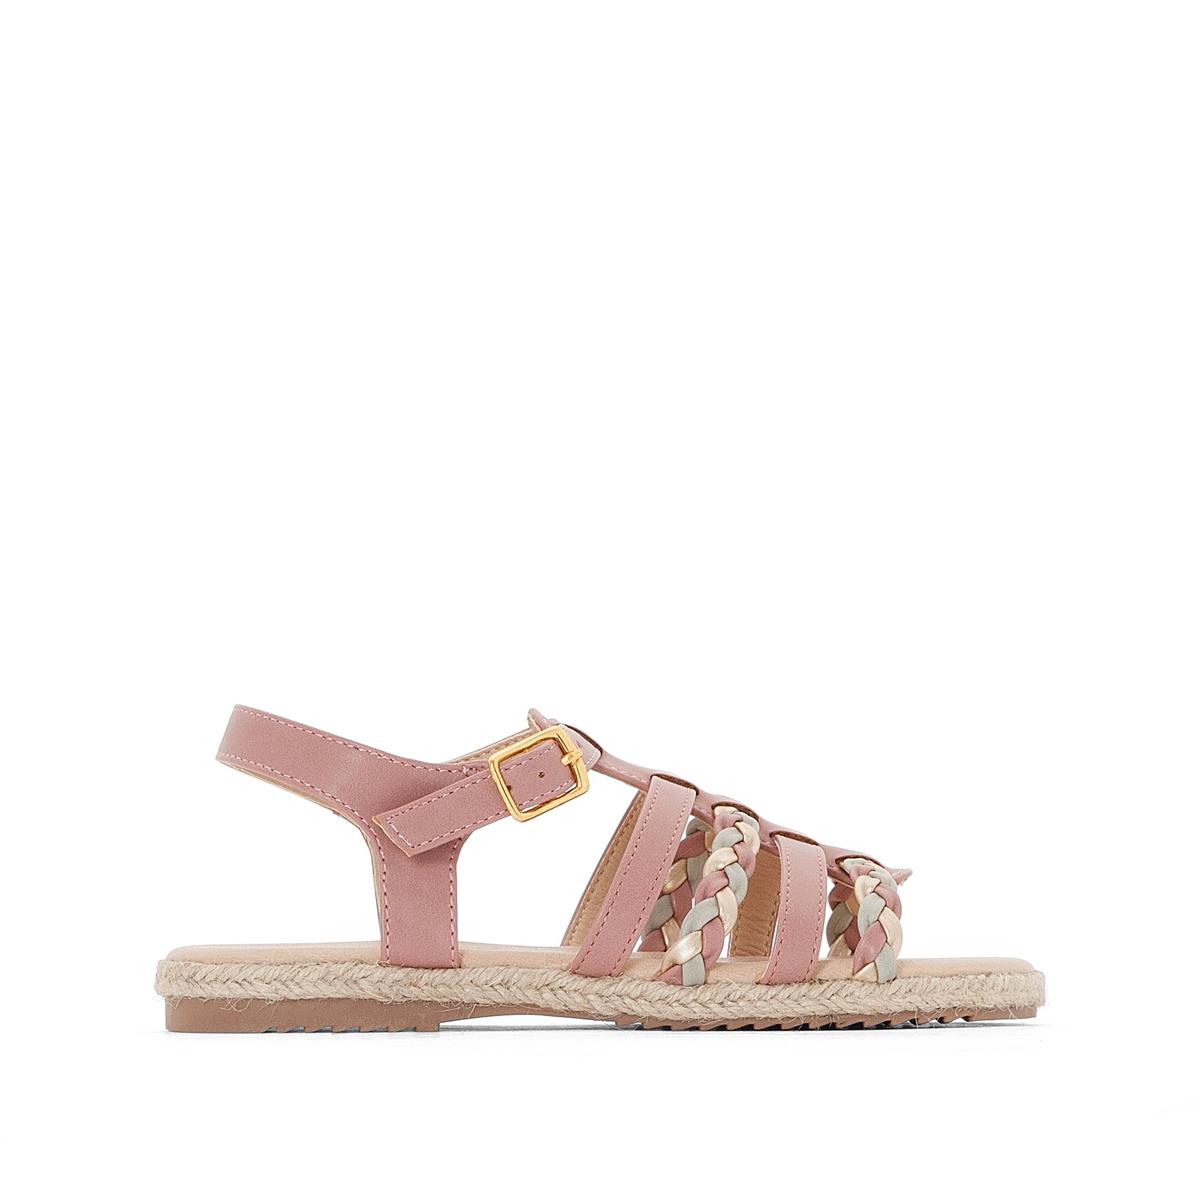 Босоножки на плоском каблуке, размеры 26-34 босоножки кожаные на плоском каблуке la conquise